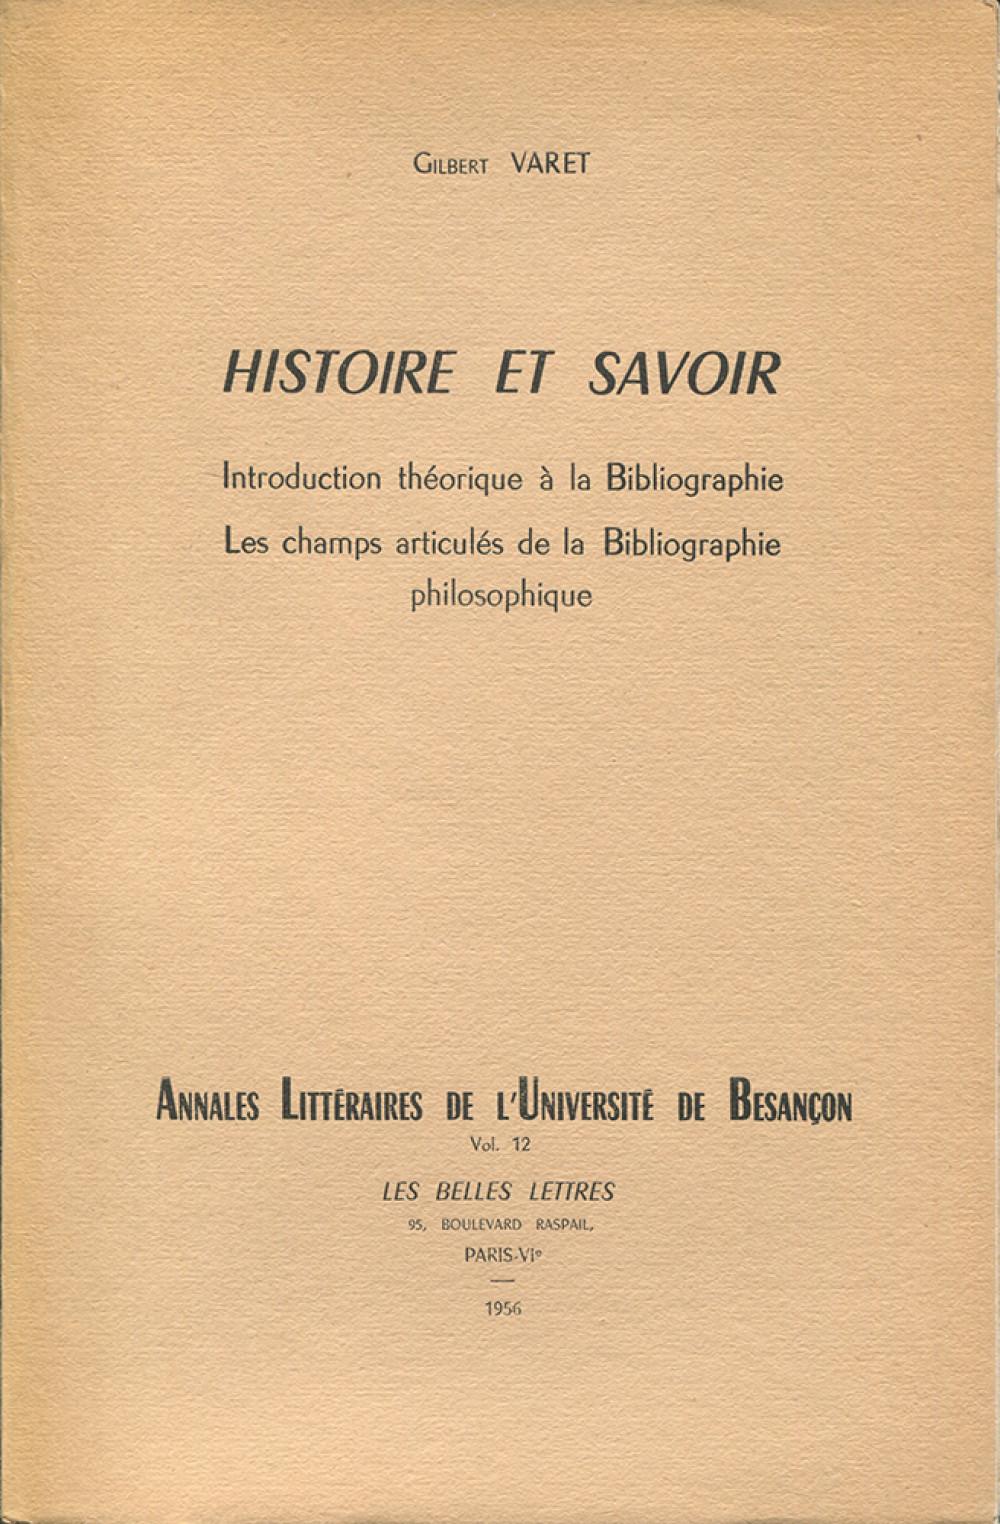 Histoire et savoir